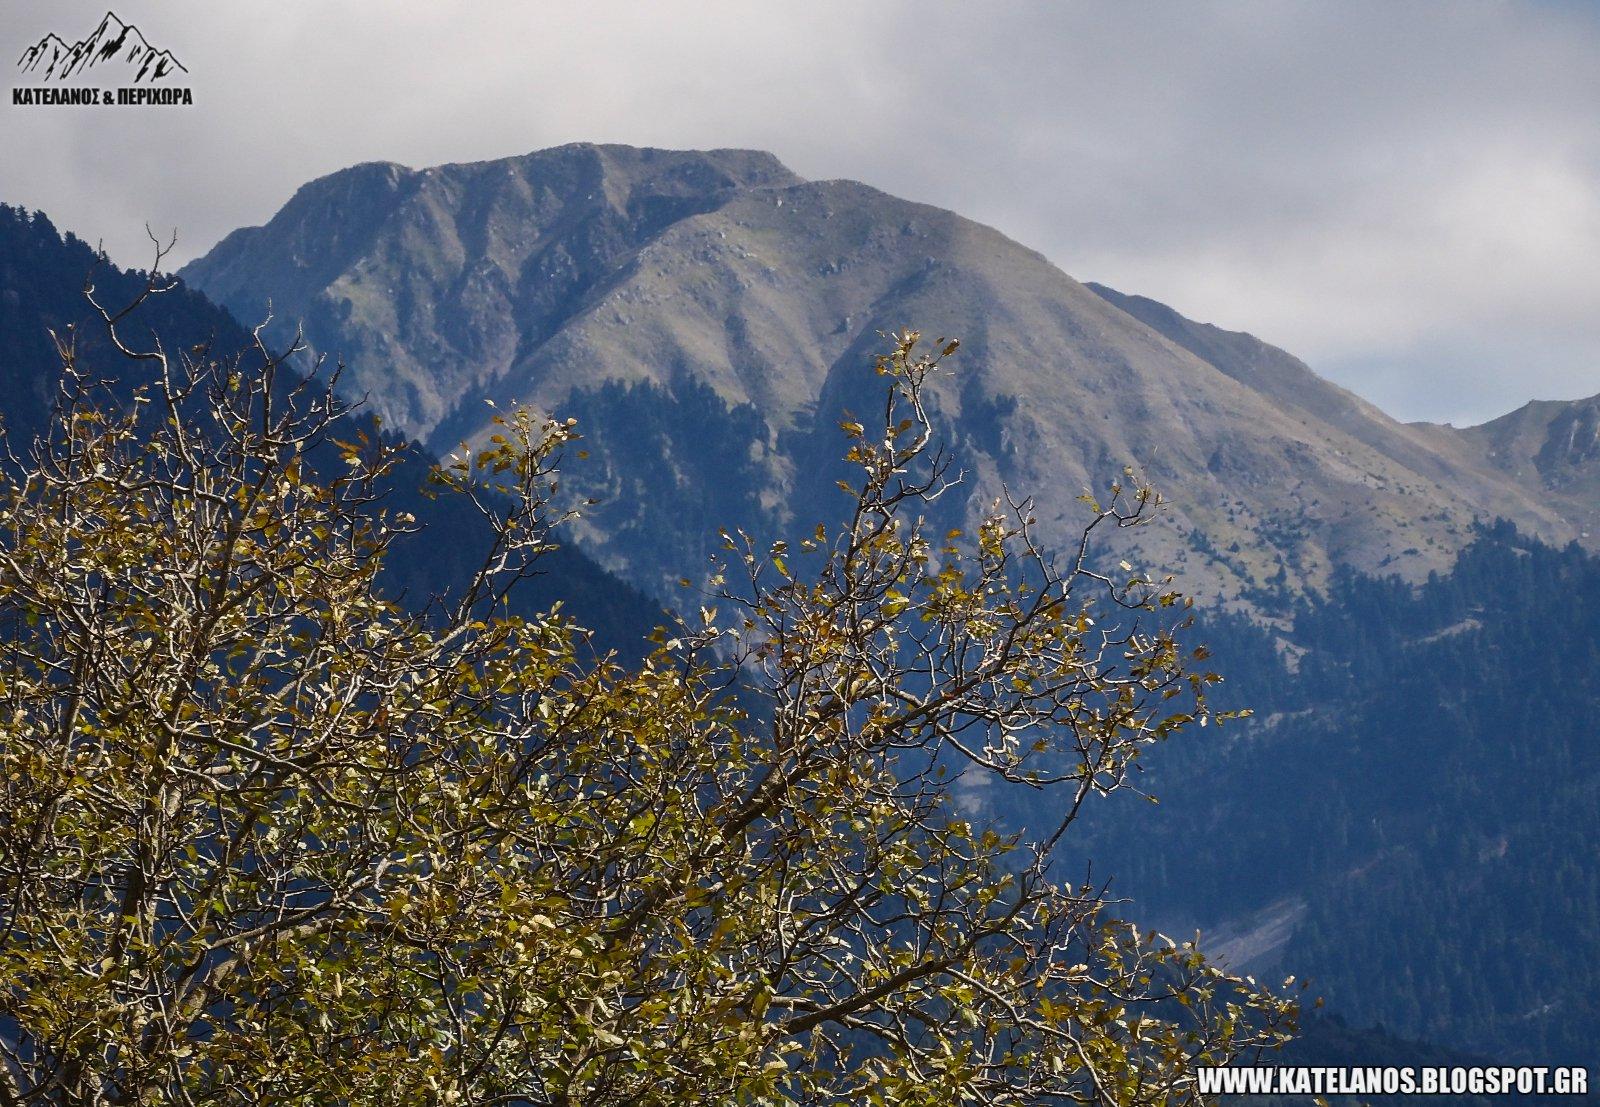 δέντρο καρυδιά ορεινό κατελάνος παναιτωλικό